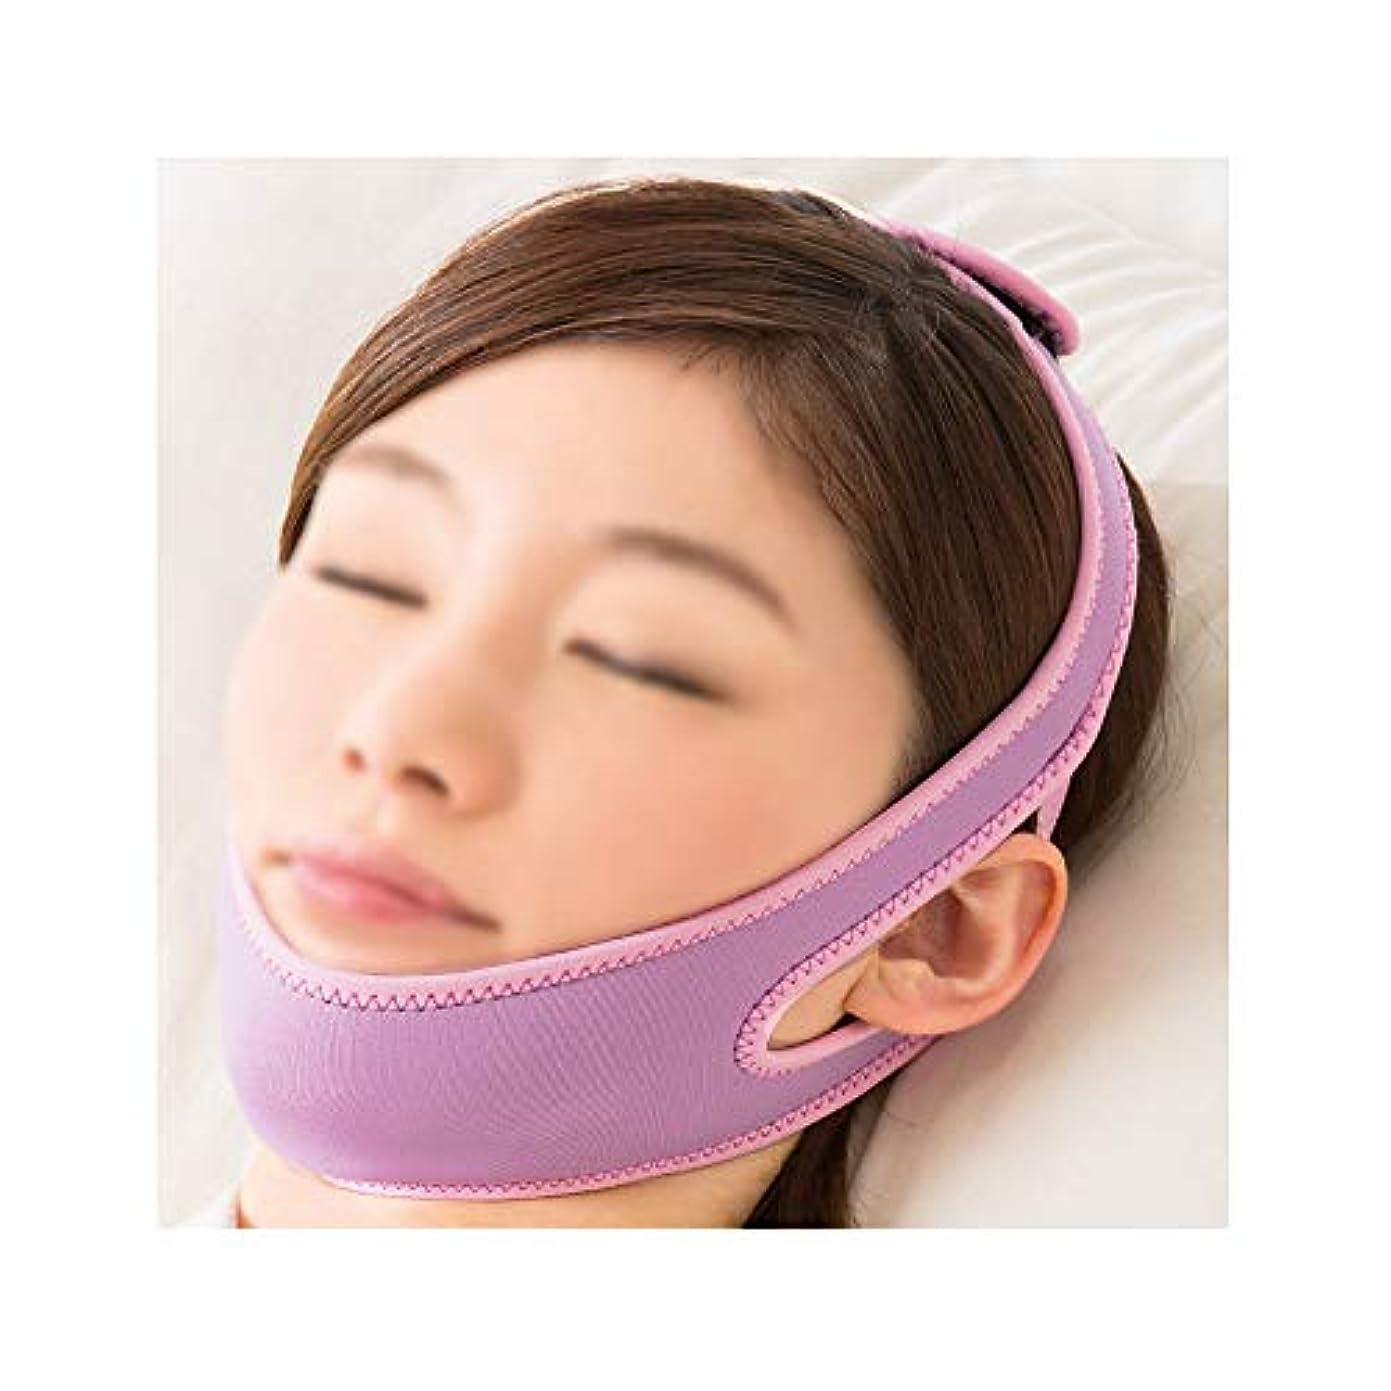 デュアル安定マントGLJJQMY マスクフェイスリフトアーチファクトマスク垂れ顔小さいVフェイス包帯通気性睡眠両面あごスーツ睡眠弾性痩身ベルト 顔用整形マスク